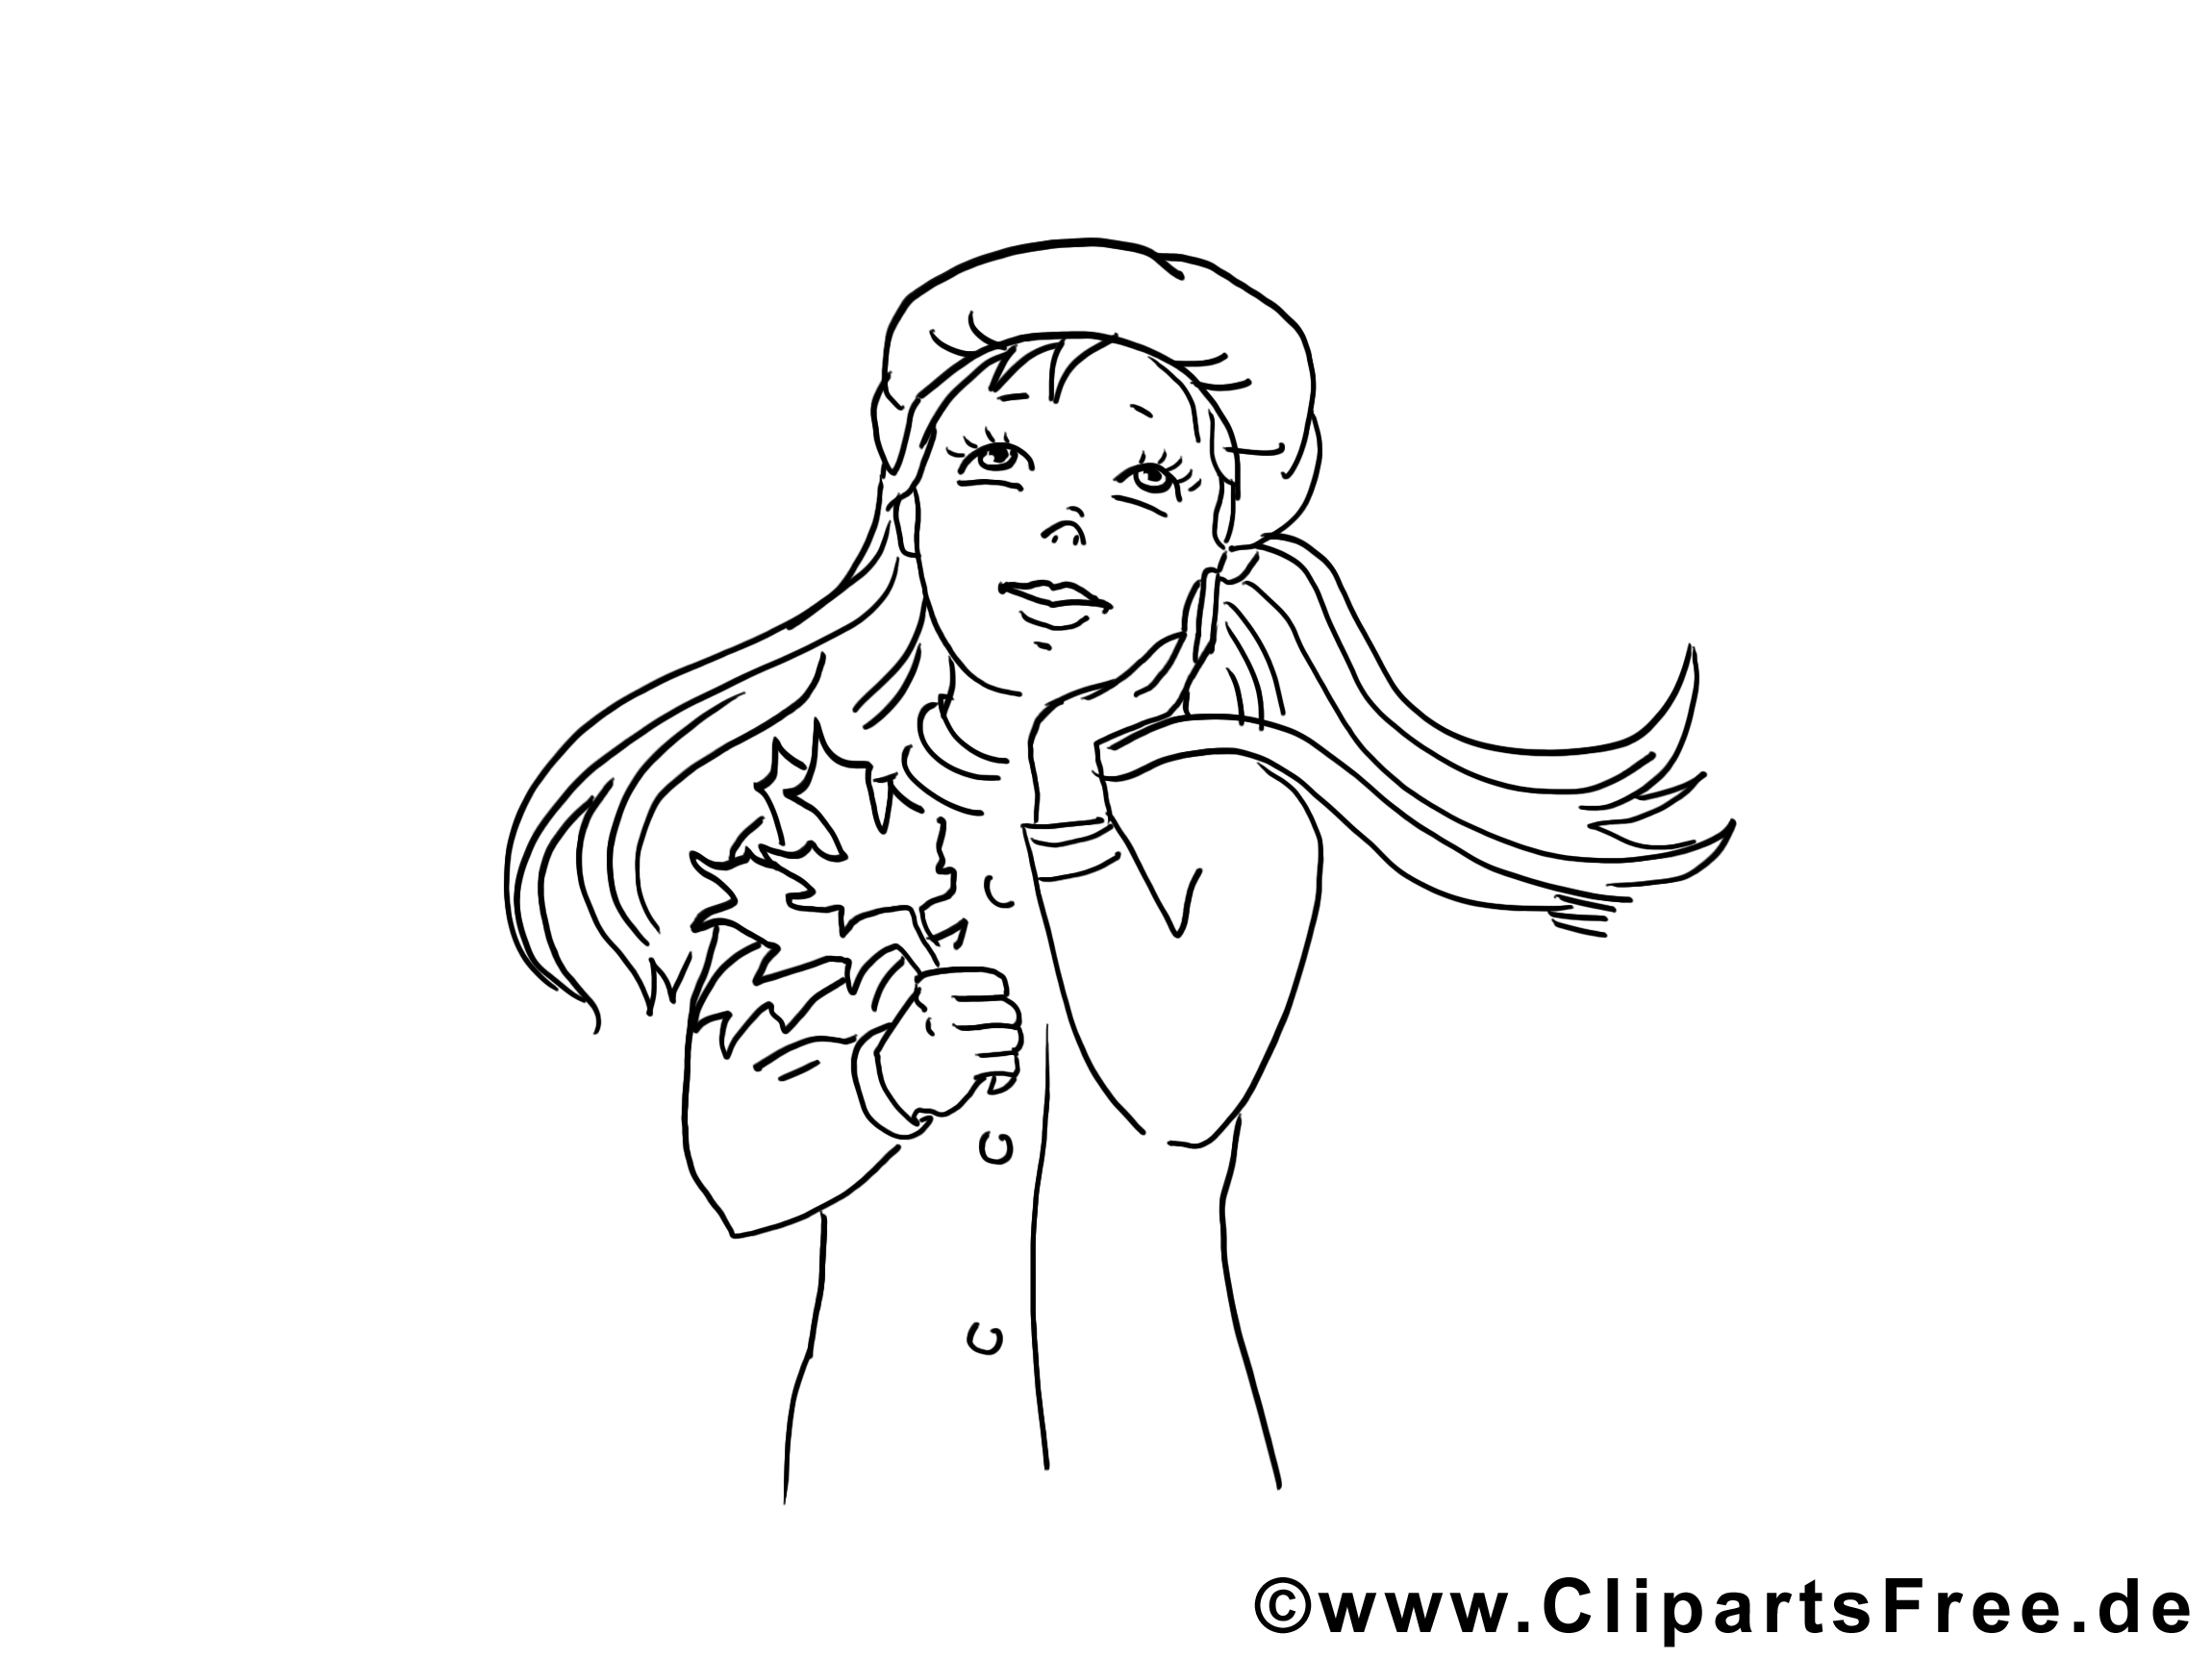 Feuilles dessins gratuits fille colorier fille - Fille a colorier ...